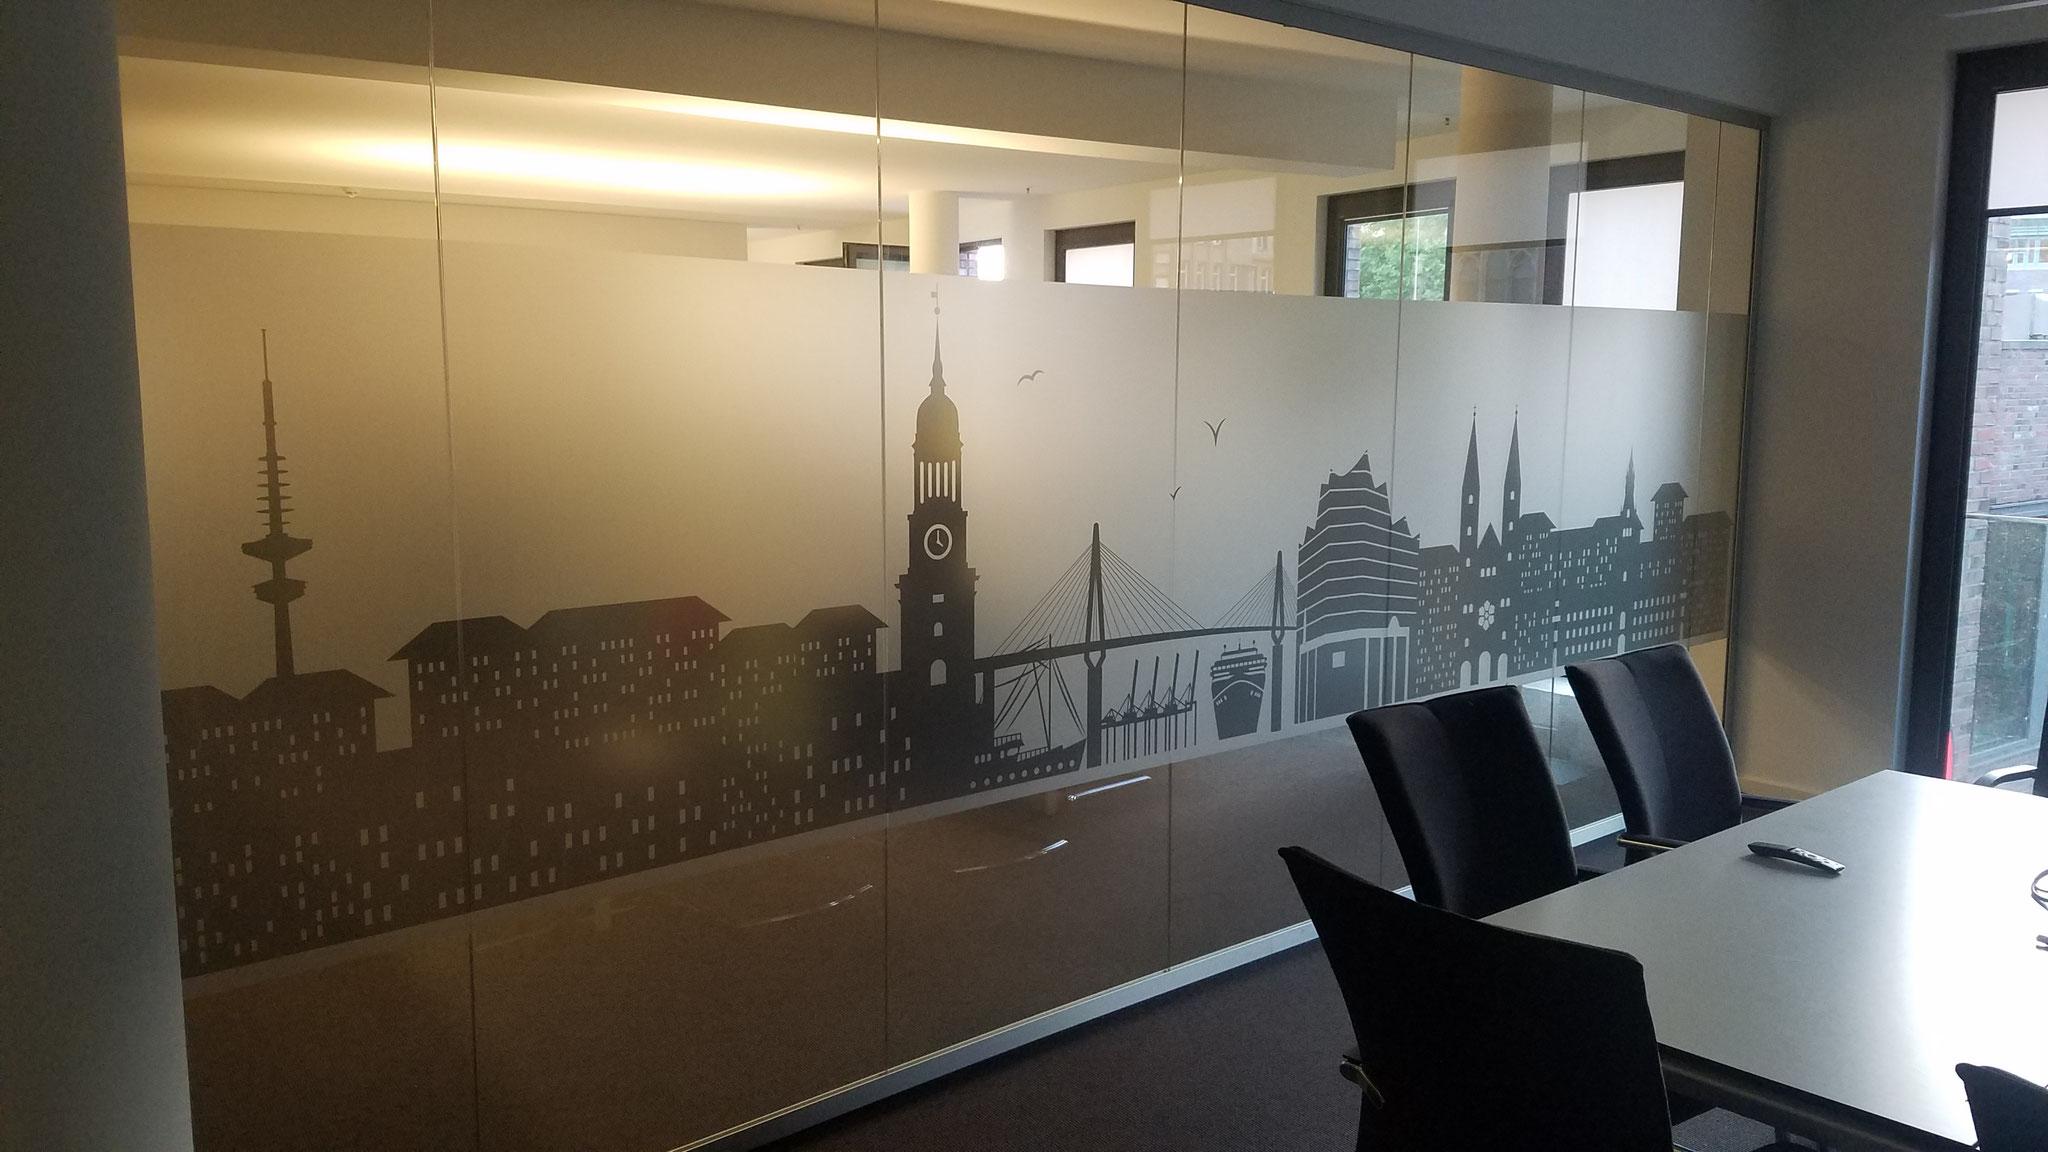 Digitaldruck auf Glasmattierungsfolie von der Druckseite betrachtet